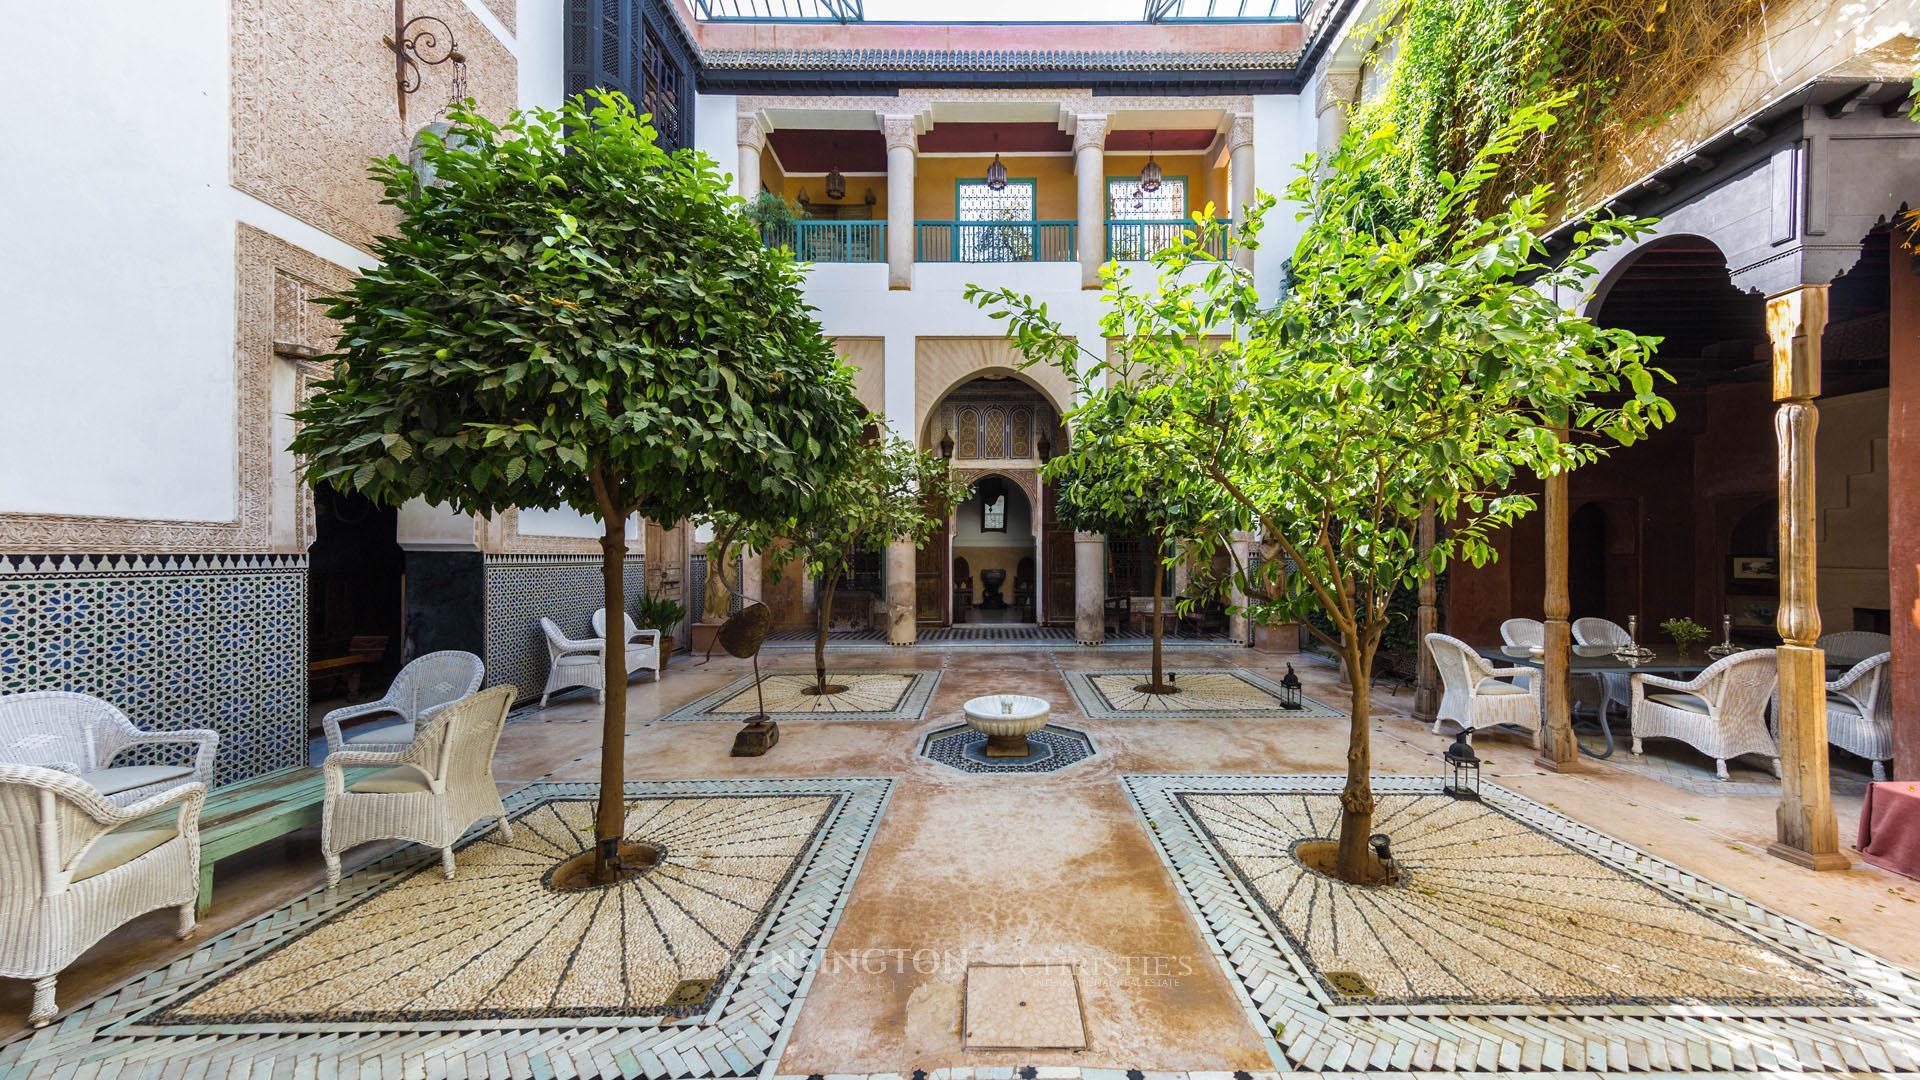 pentingnya riad di arsitektur maroko - Ciri Gaya Desain Arsitektur Maroko yang Eksotis